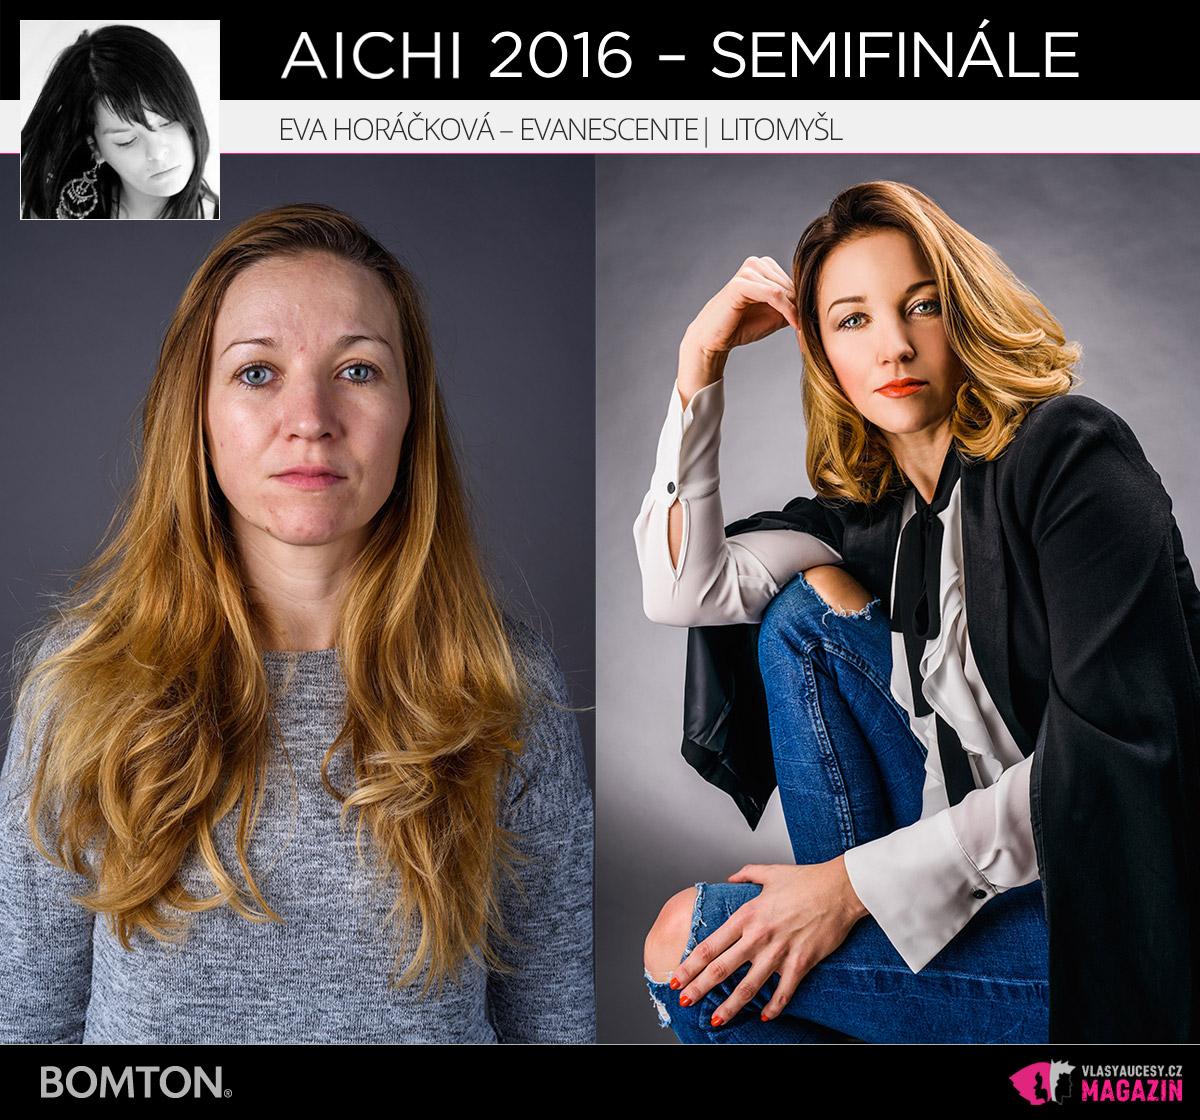 Eva Horáčková – Evanescente, Litomyšl | Proměny AICHI 2016 - postupující do semifinálového kola